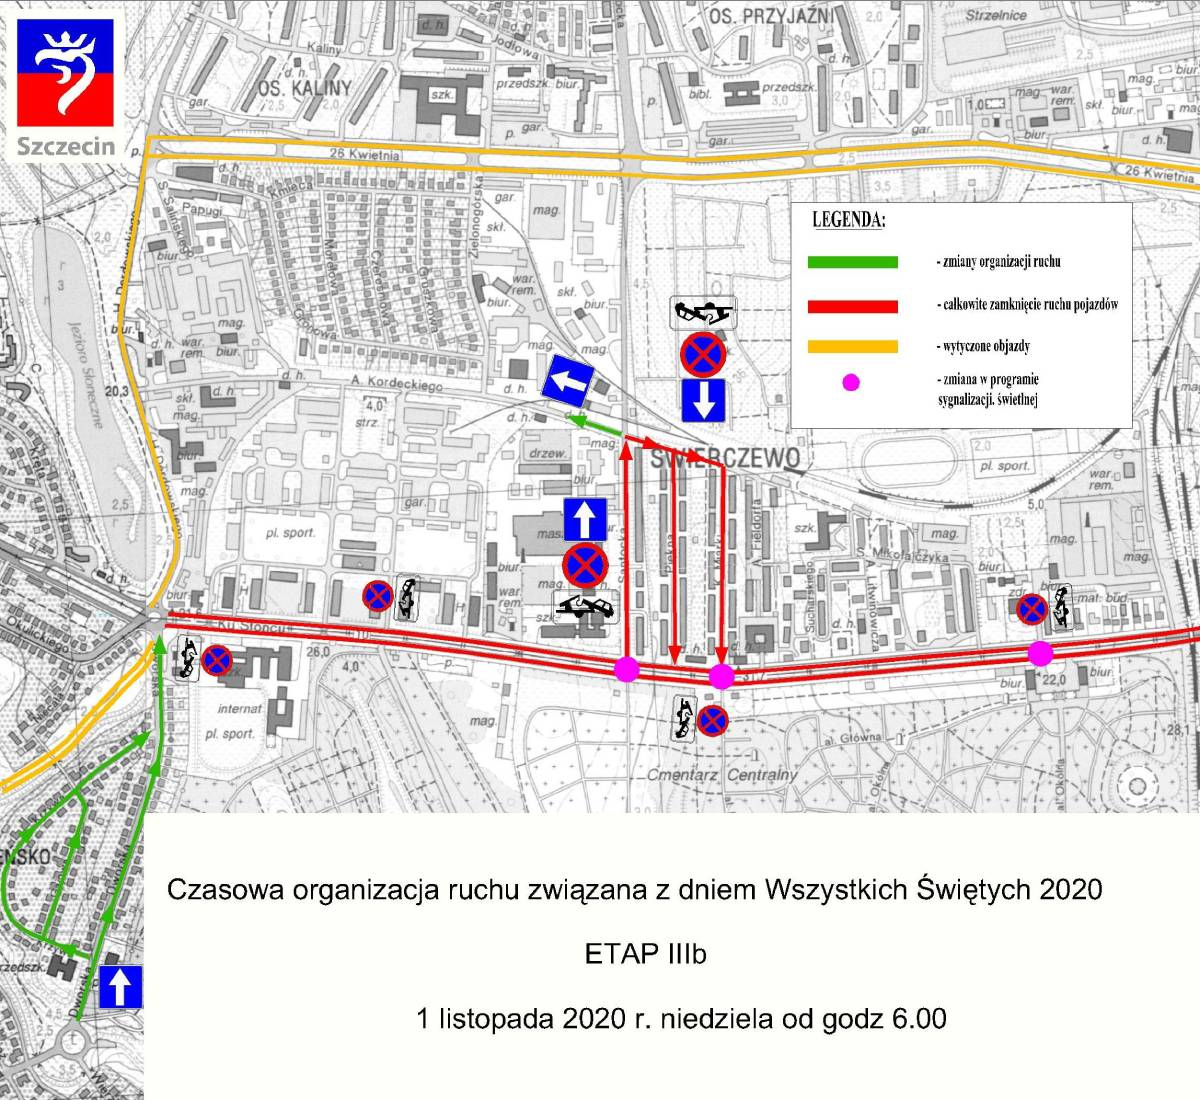 TyDZIEŃ Wszystkich Świętych 2020 komunikacja miejska Szczecin